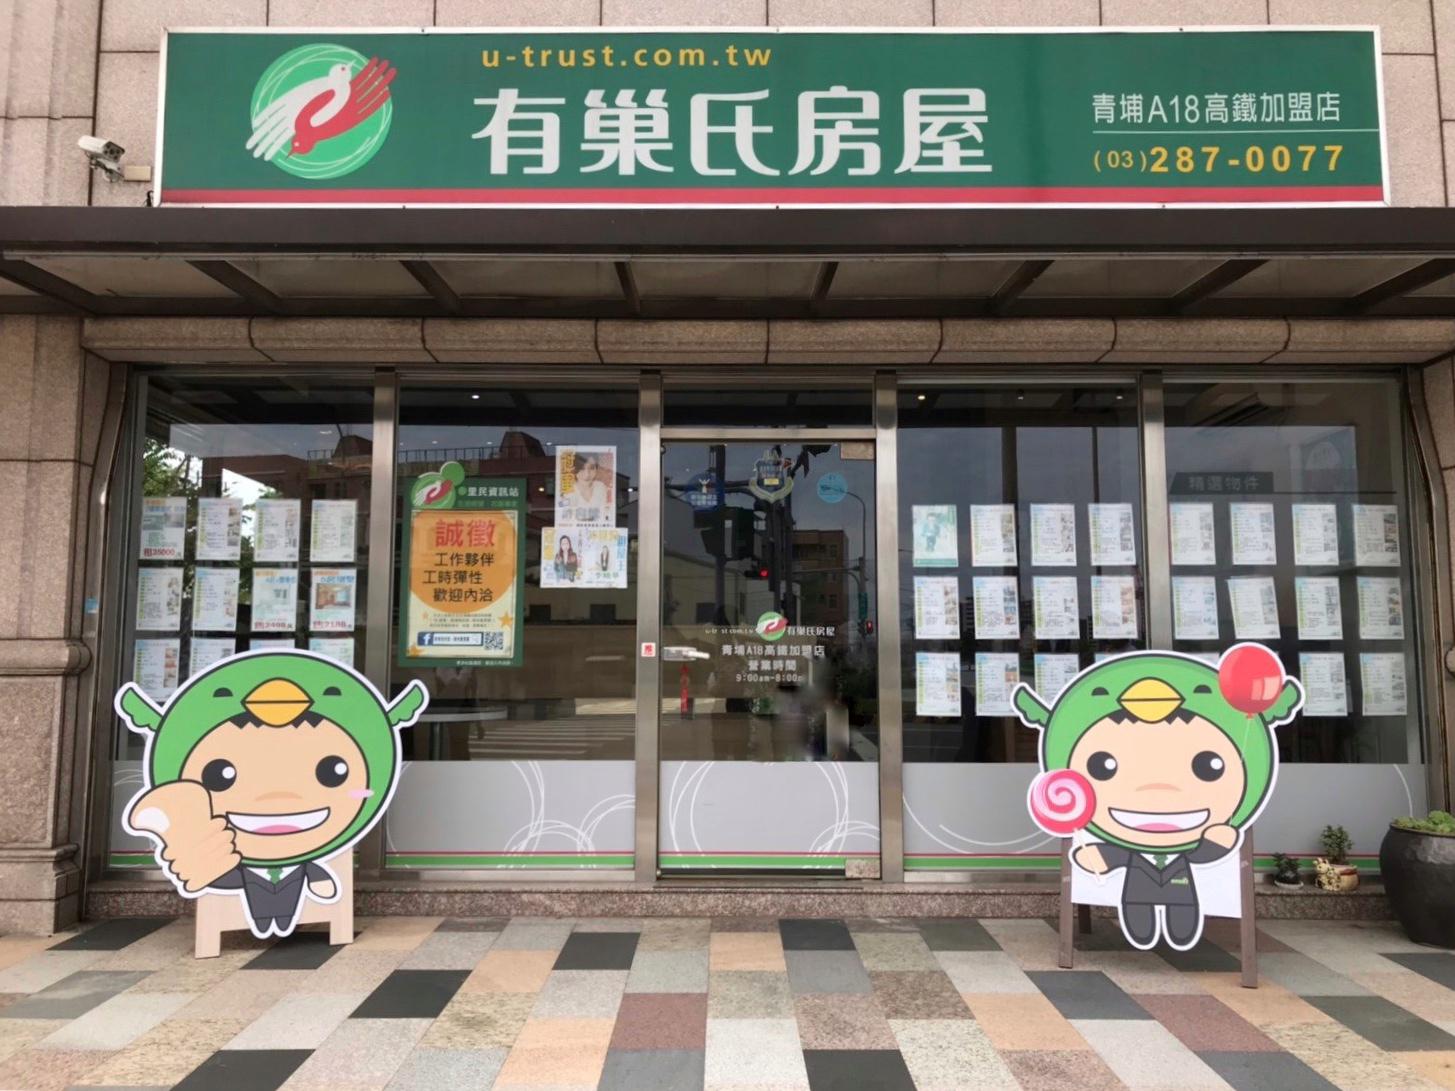 青埔A18高鐵加盟店-賀成交不動產股份有限公司